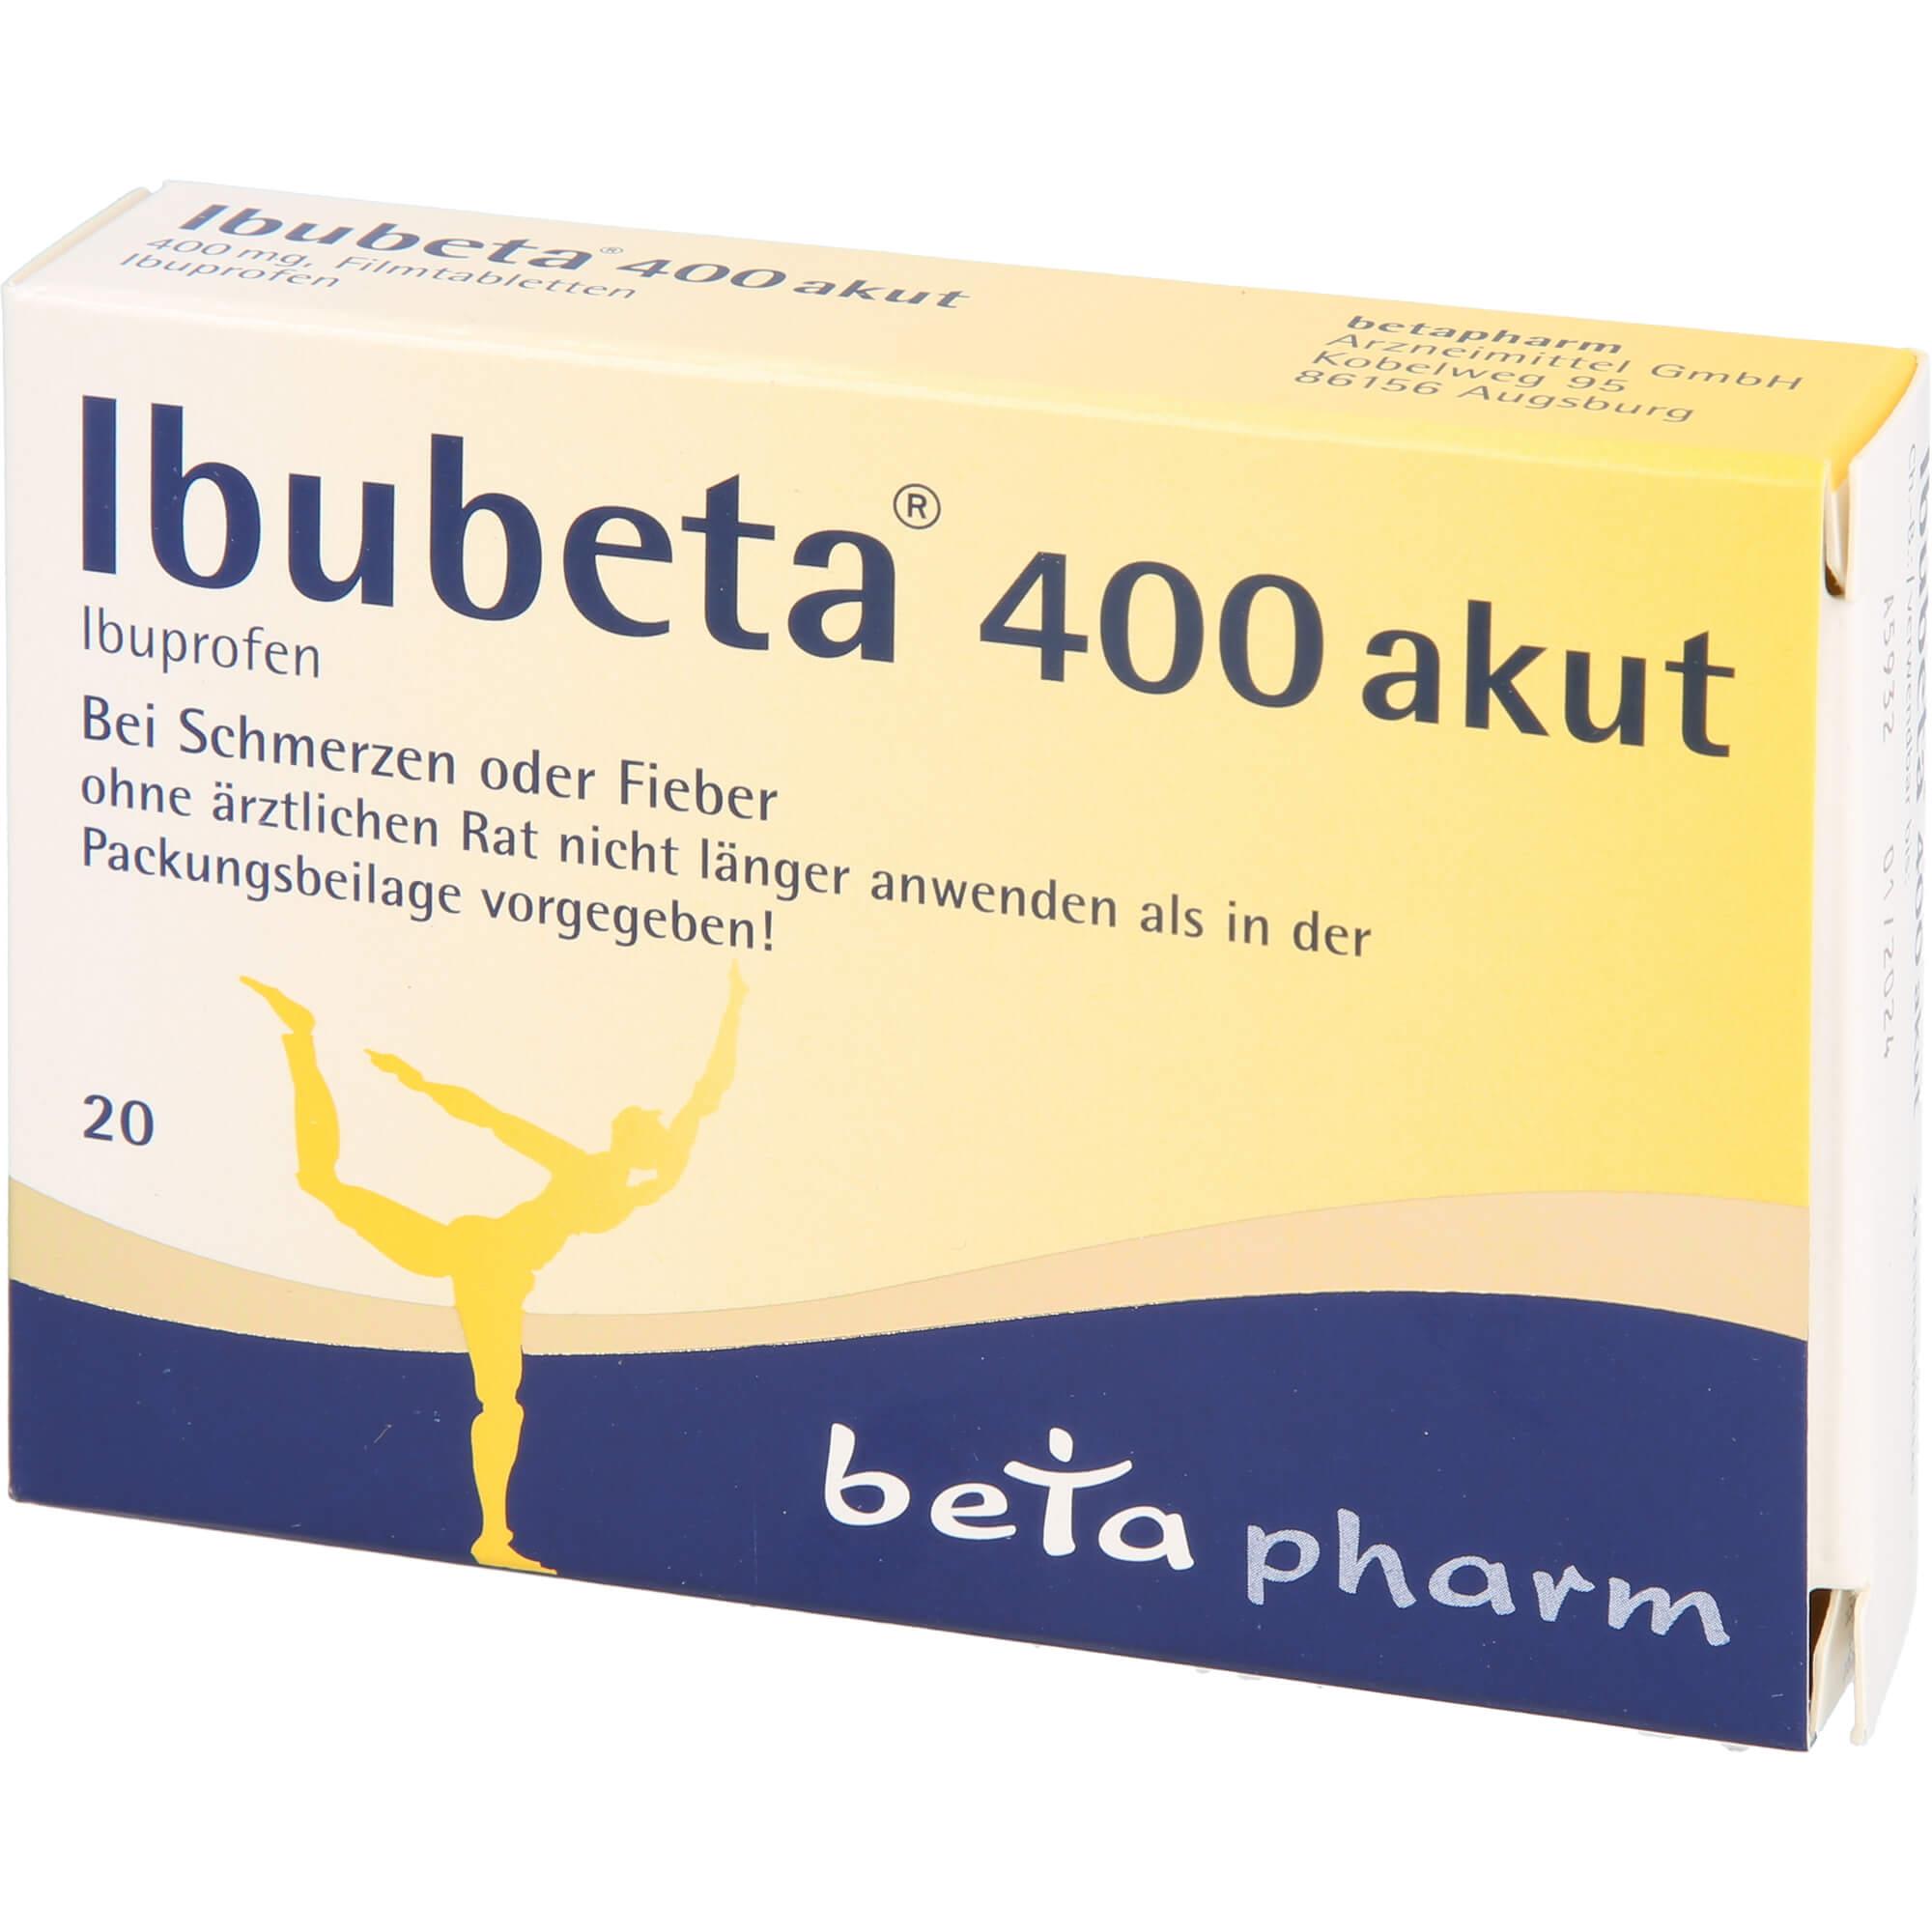 - IBUBETA 400 akut Filmtabletten - 20 St - 1,39 EUR